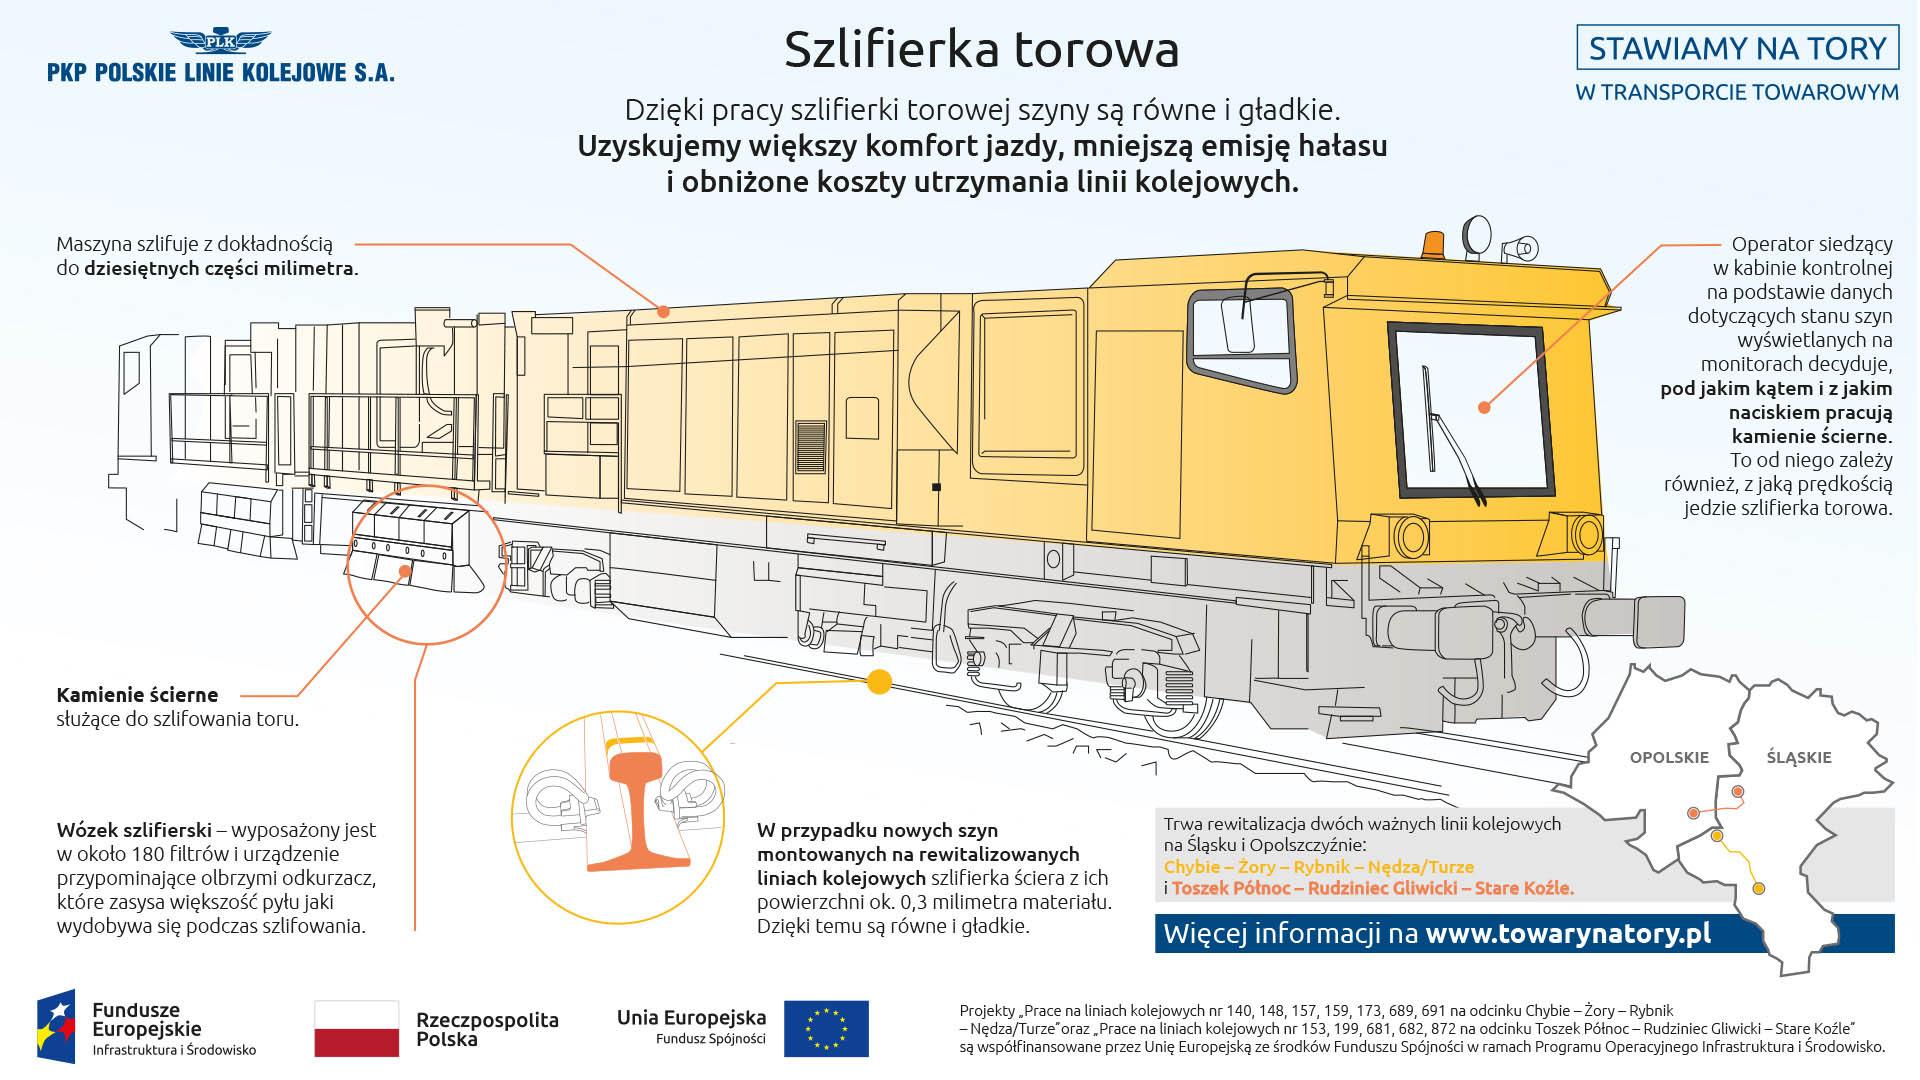 Infografika mówi o szlifierce kontowej. Służy ona do szlifowania szyn tak by były równe i gładkie. Zwiększa to komfort jazdy, zmniejsza emisje hałasu oraz obniża koszt utrzymania linii kolejowej.